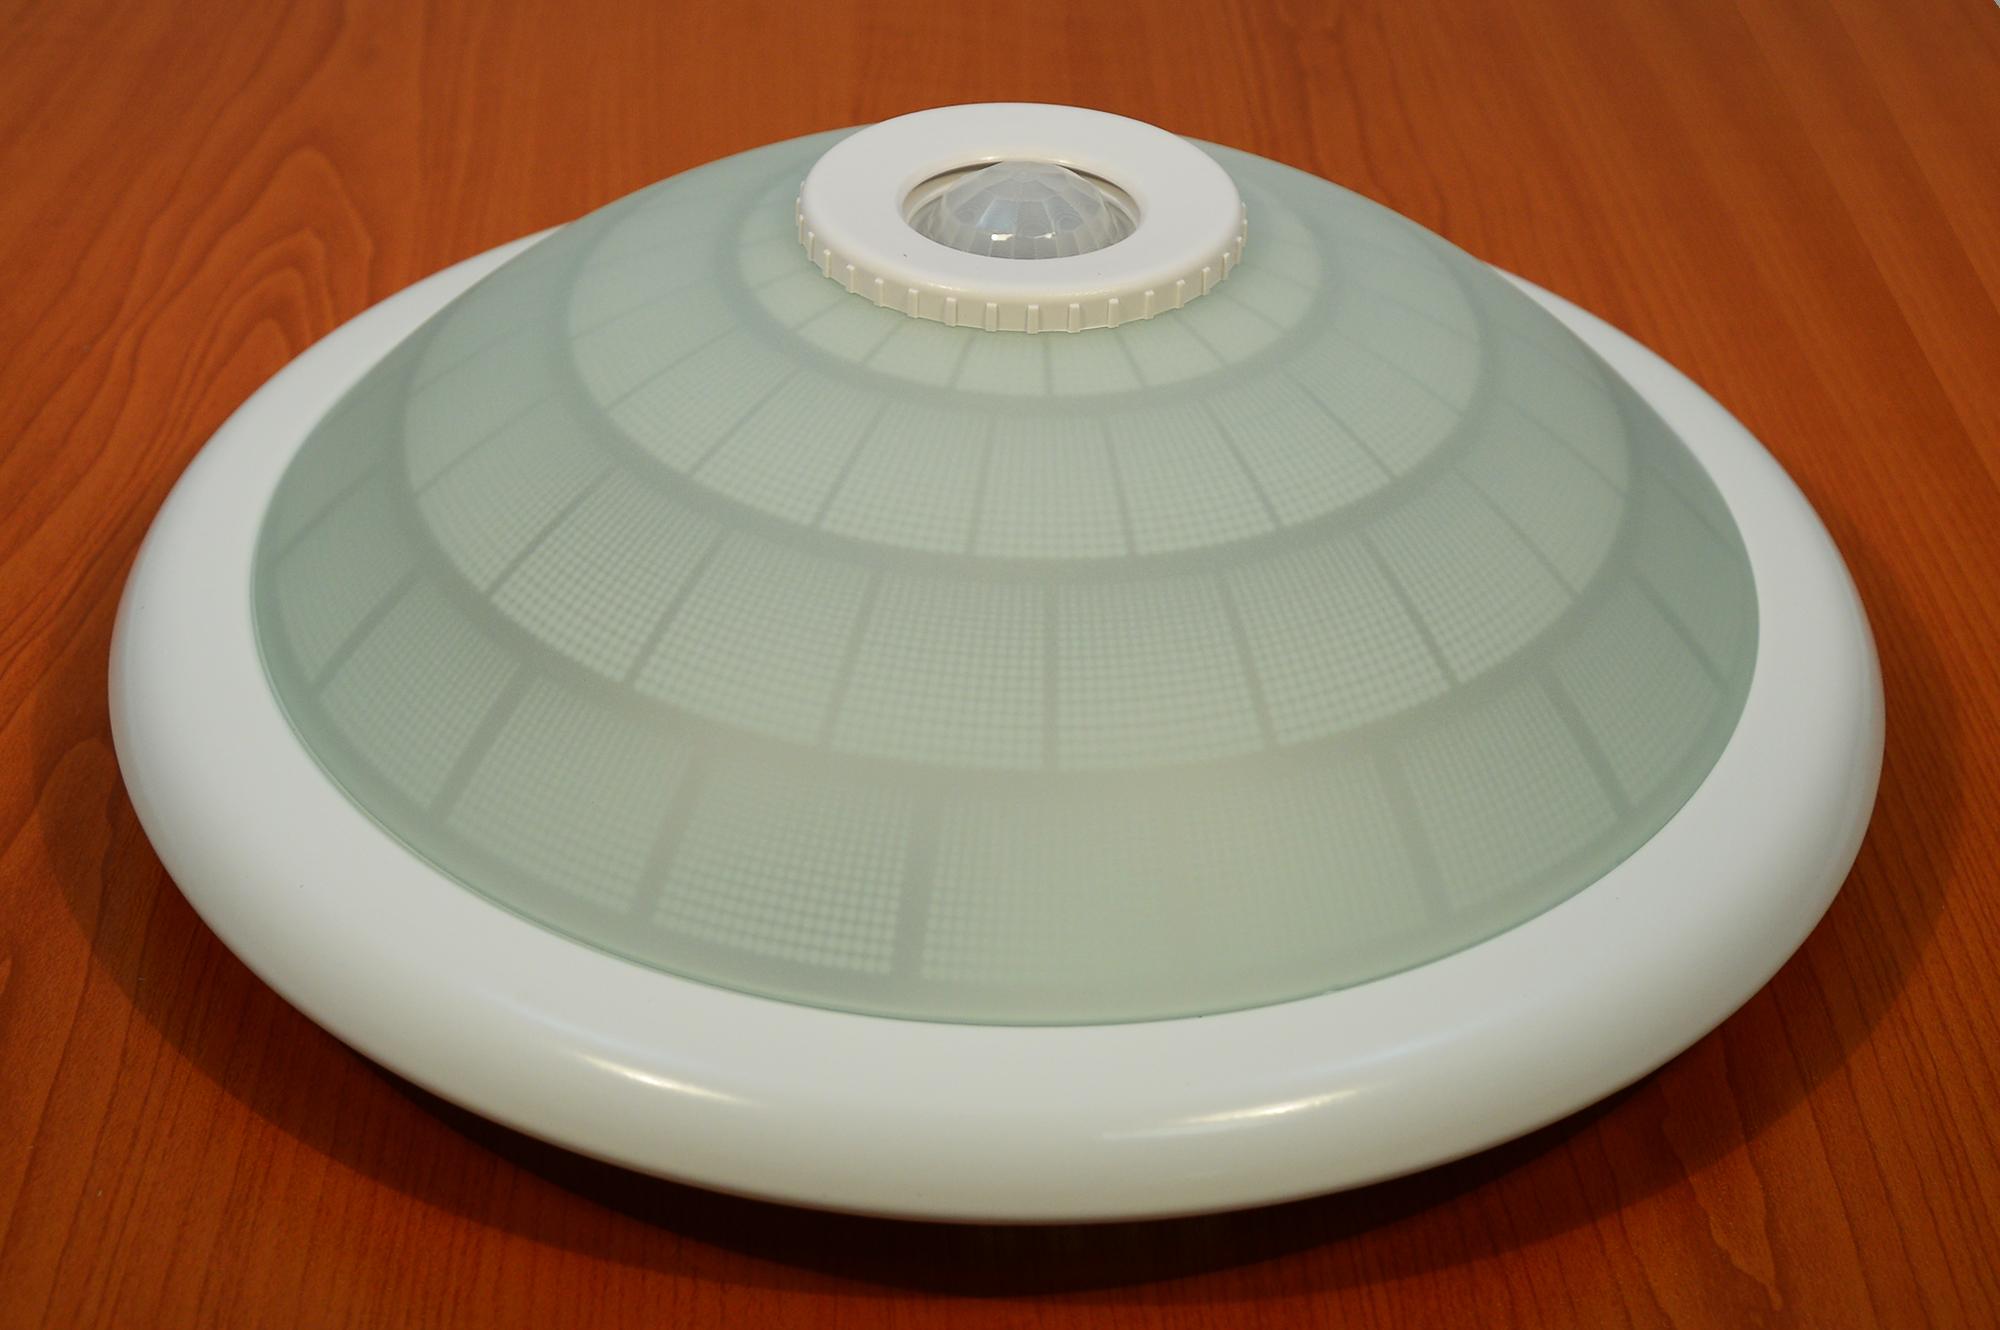 deckenlampe mit bewegungsmelder deckenleuchte wandlampe flurleuchte top angebot ebay. Black Bedroom Furniture Sets. Home Design Ideas